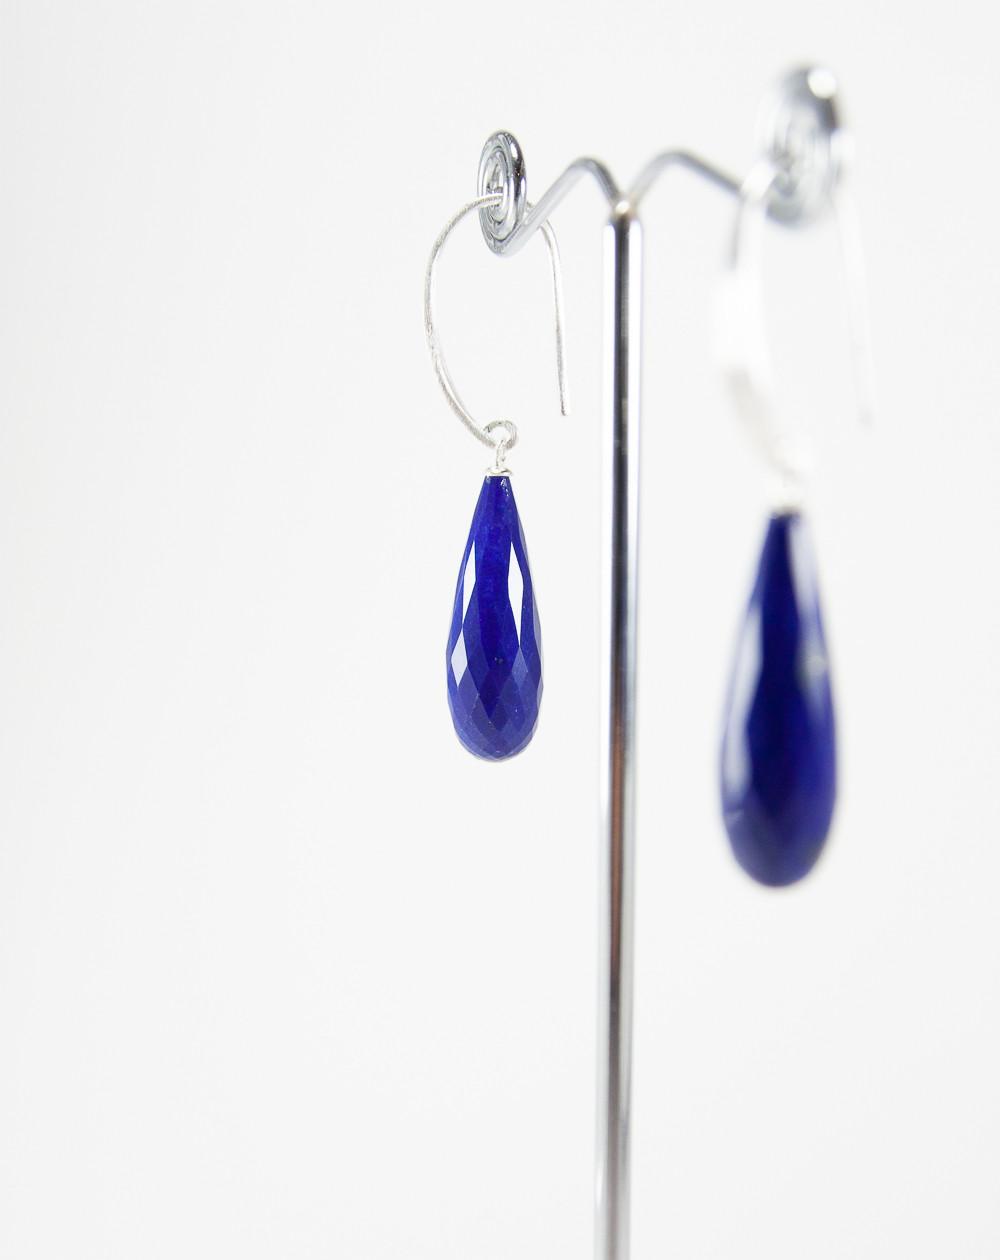 Boucles d'oreilles en Lapis Lazuli, Argent brossé, Sanuk Création